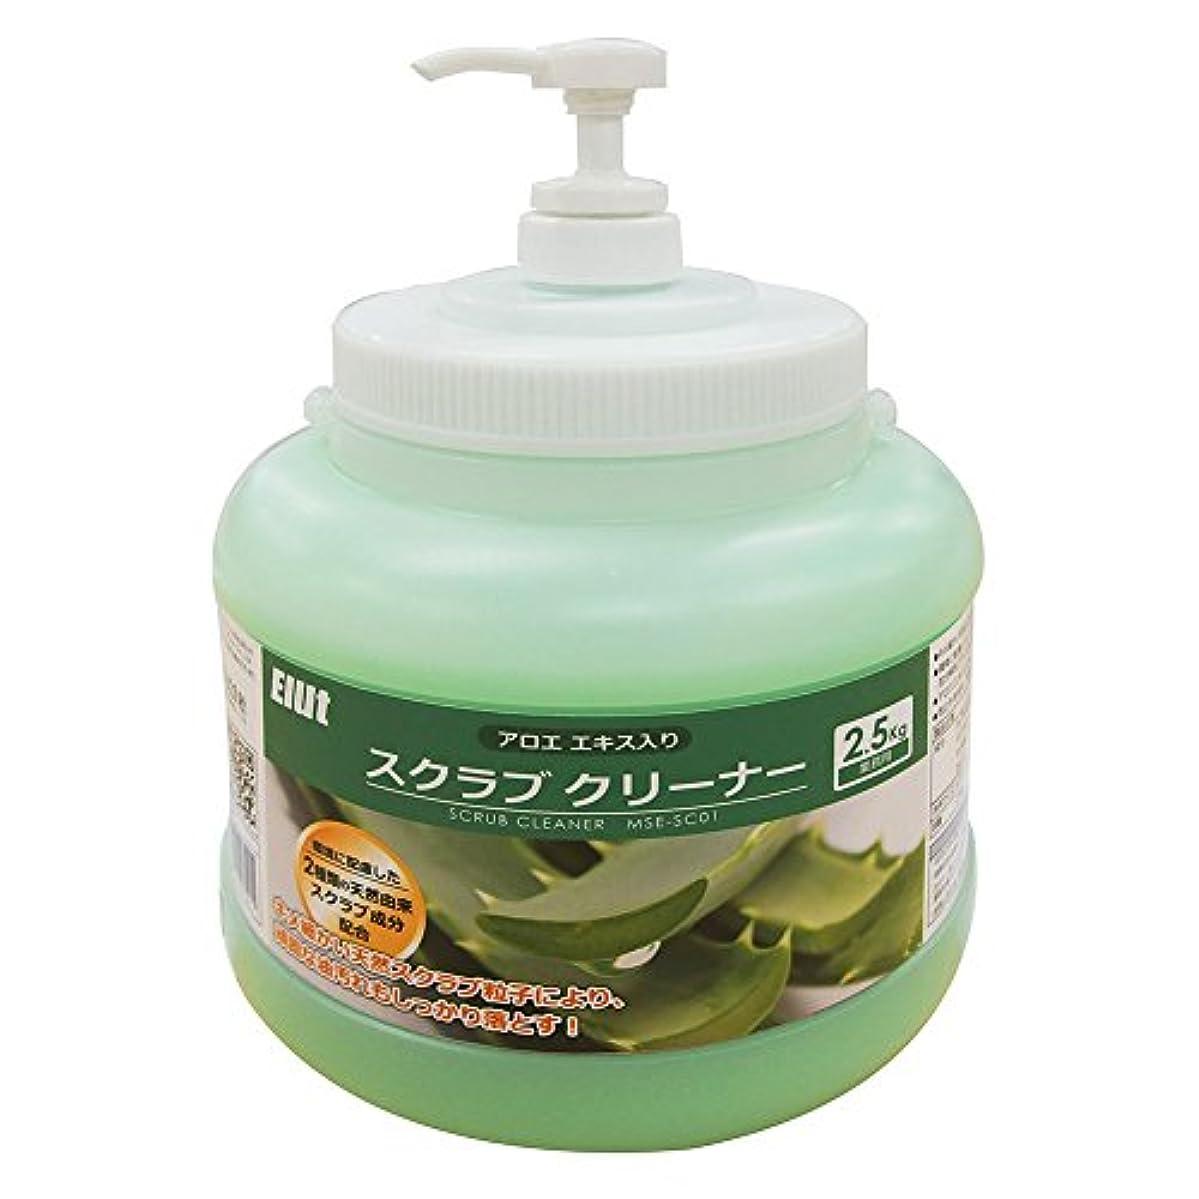 蚊トランスペアレント靄業務用 ハンドクリーナー スクラブ アロエエキス入り 2.5kg 油汚れ MSE-SC01 Elut エルト